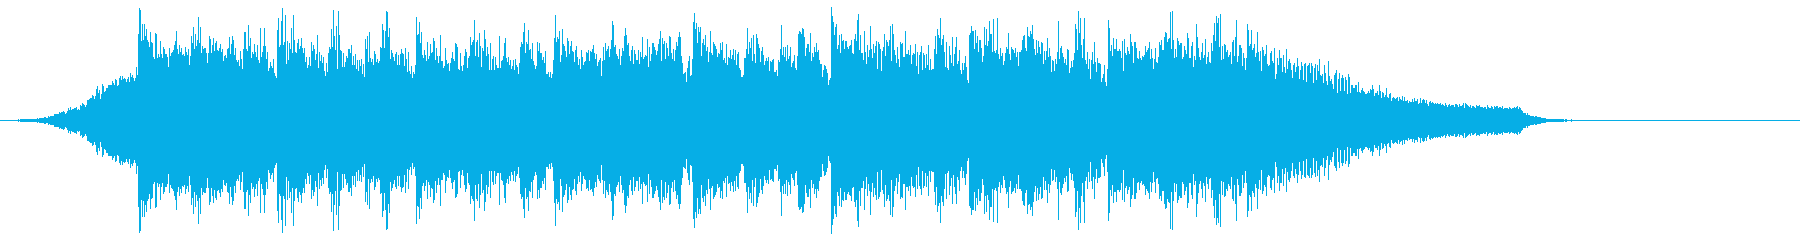 企業VP映像、108オーケストラ、爽快cの再生済みの波形